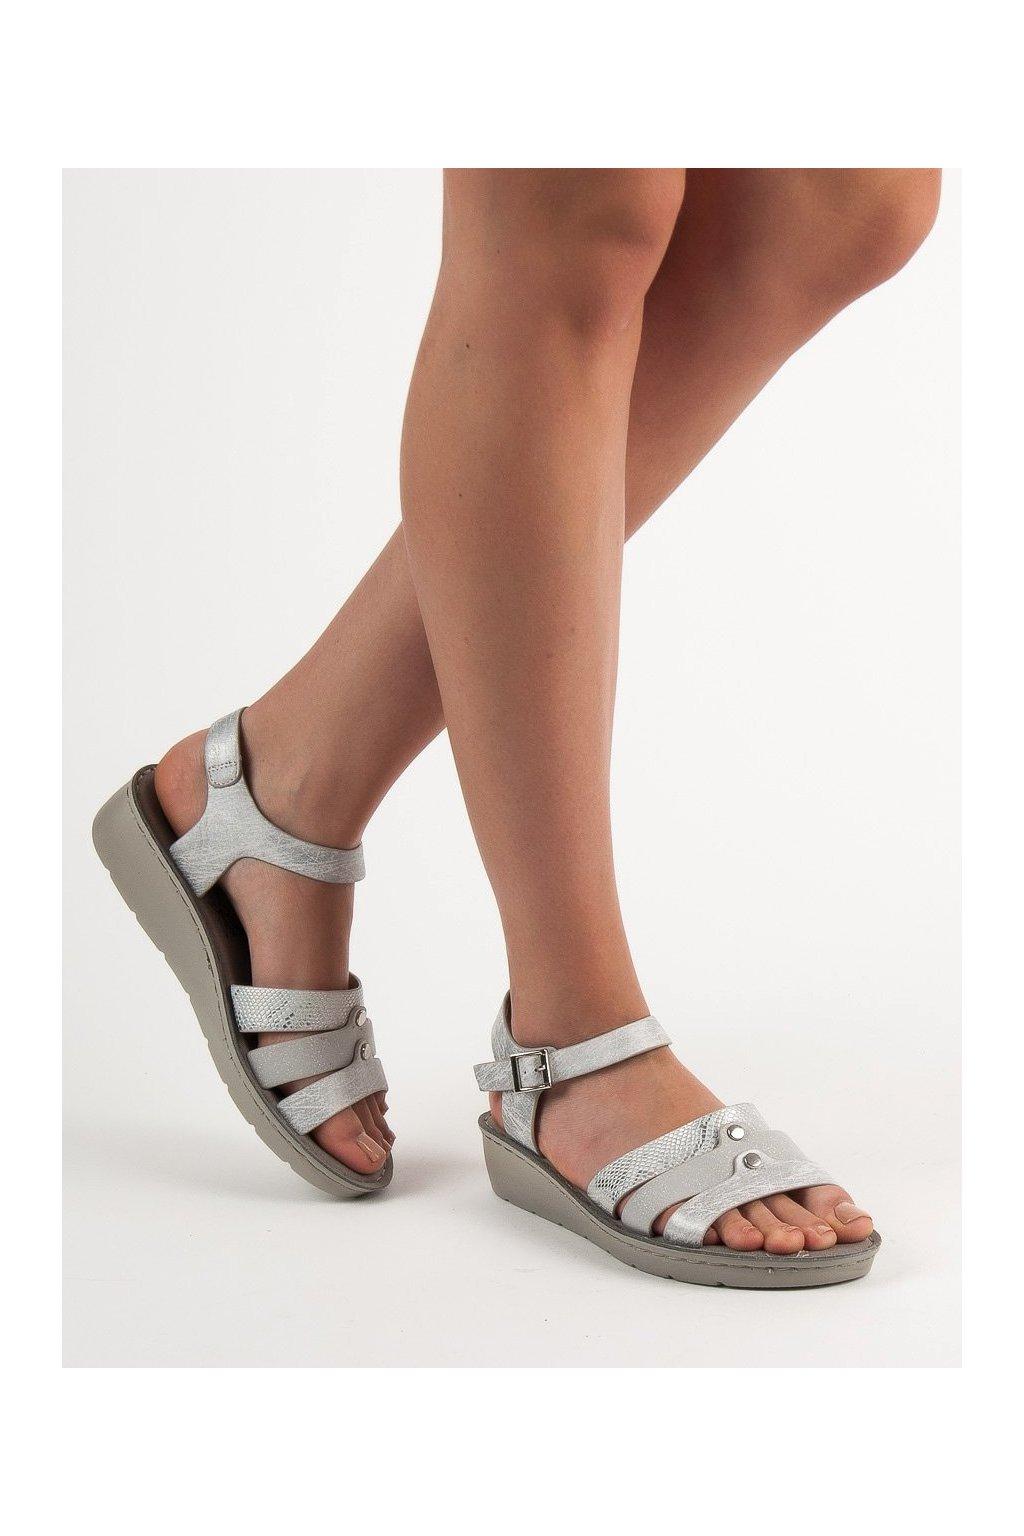 Sivé sandále s plochou podrážkou na platforme Evento kod 9SD98-0978S